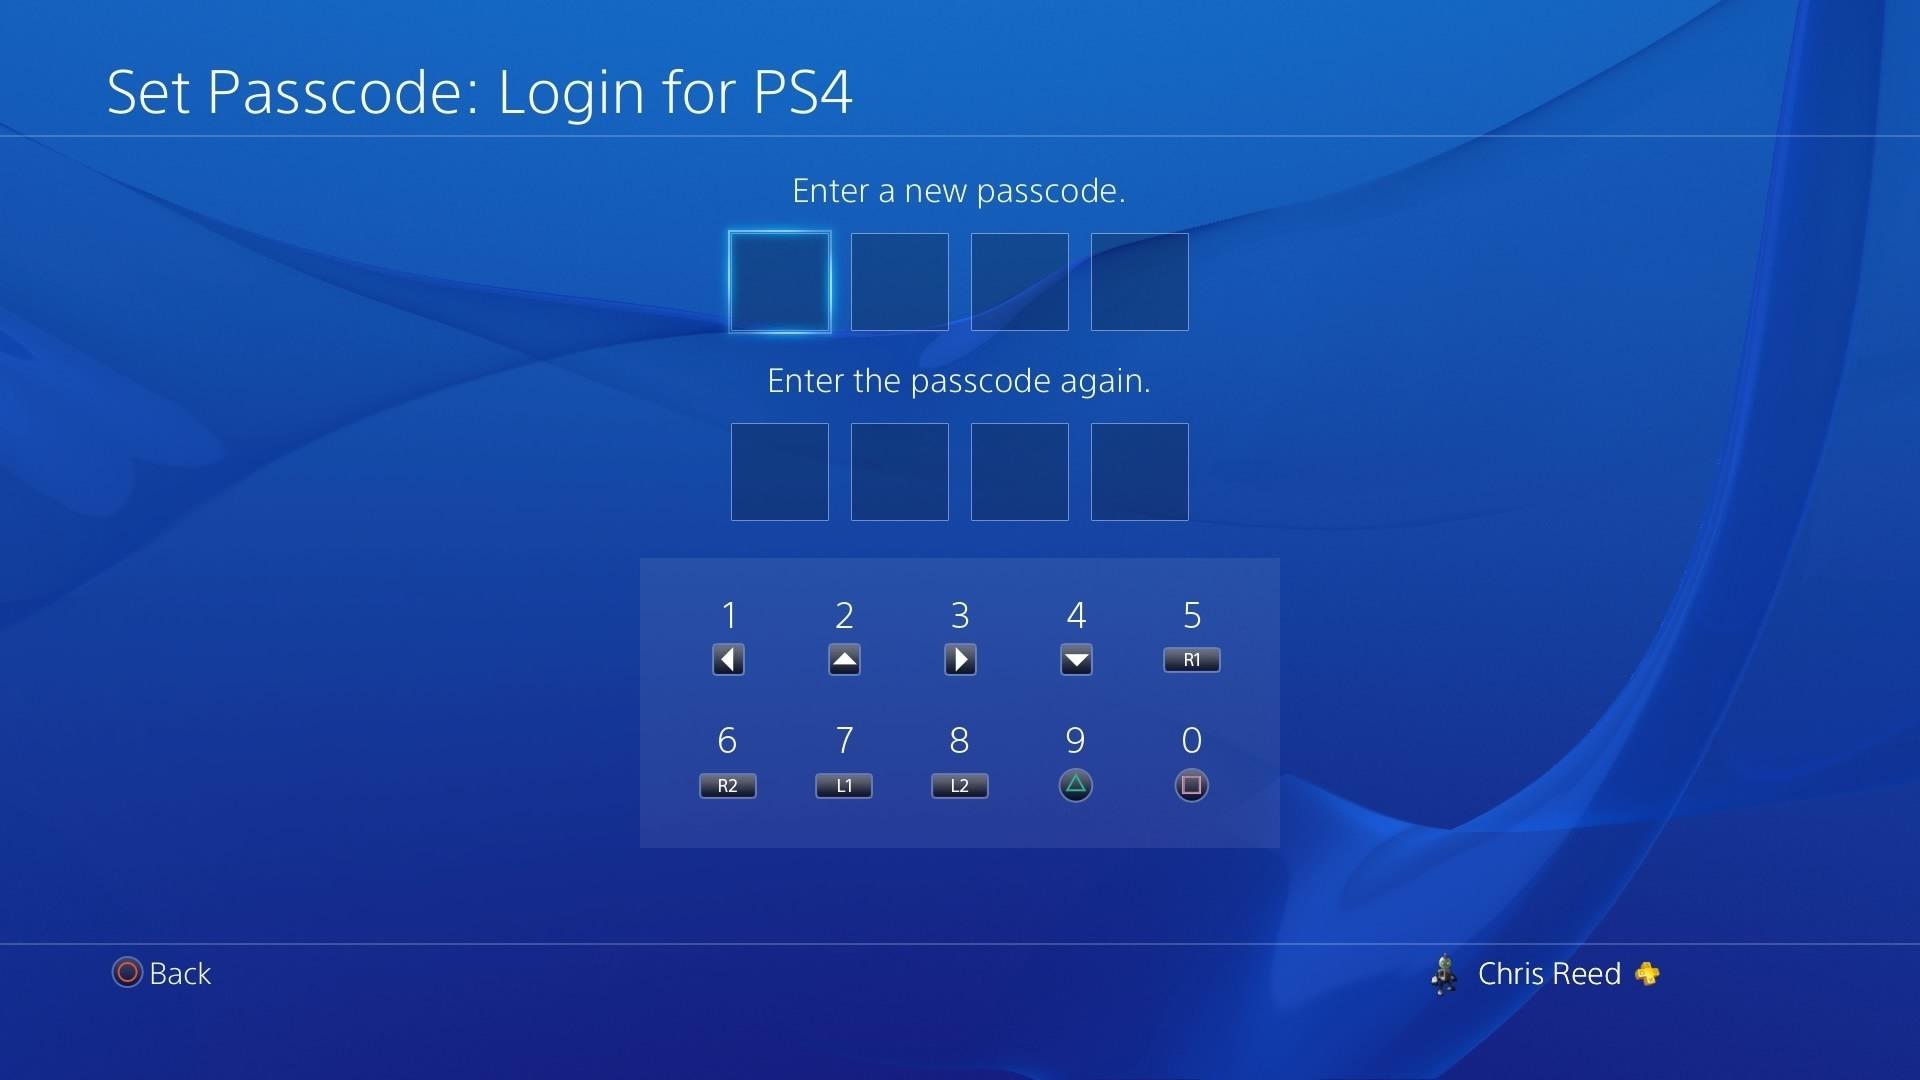 PS4 change passcode screen.